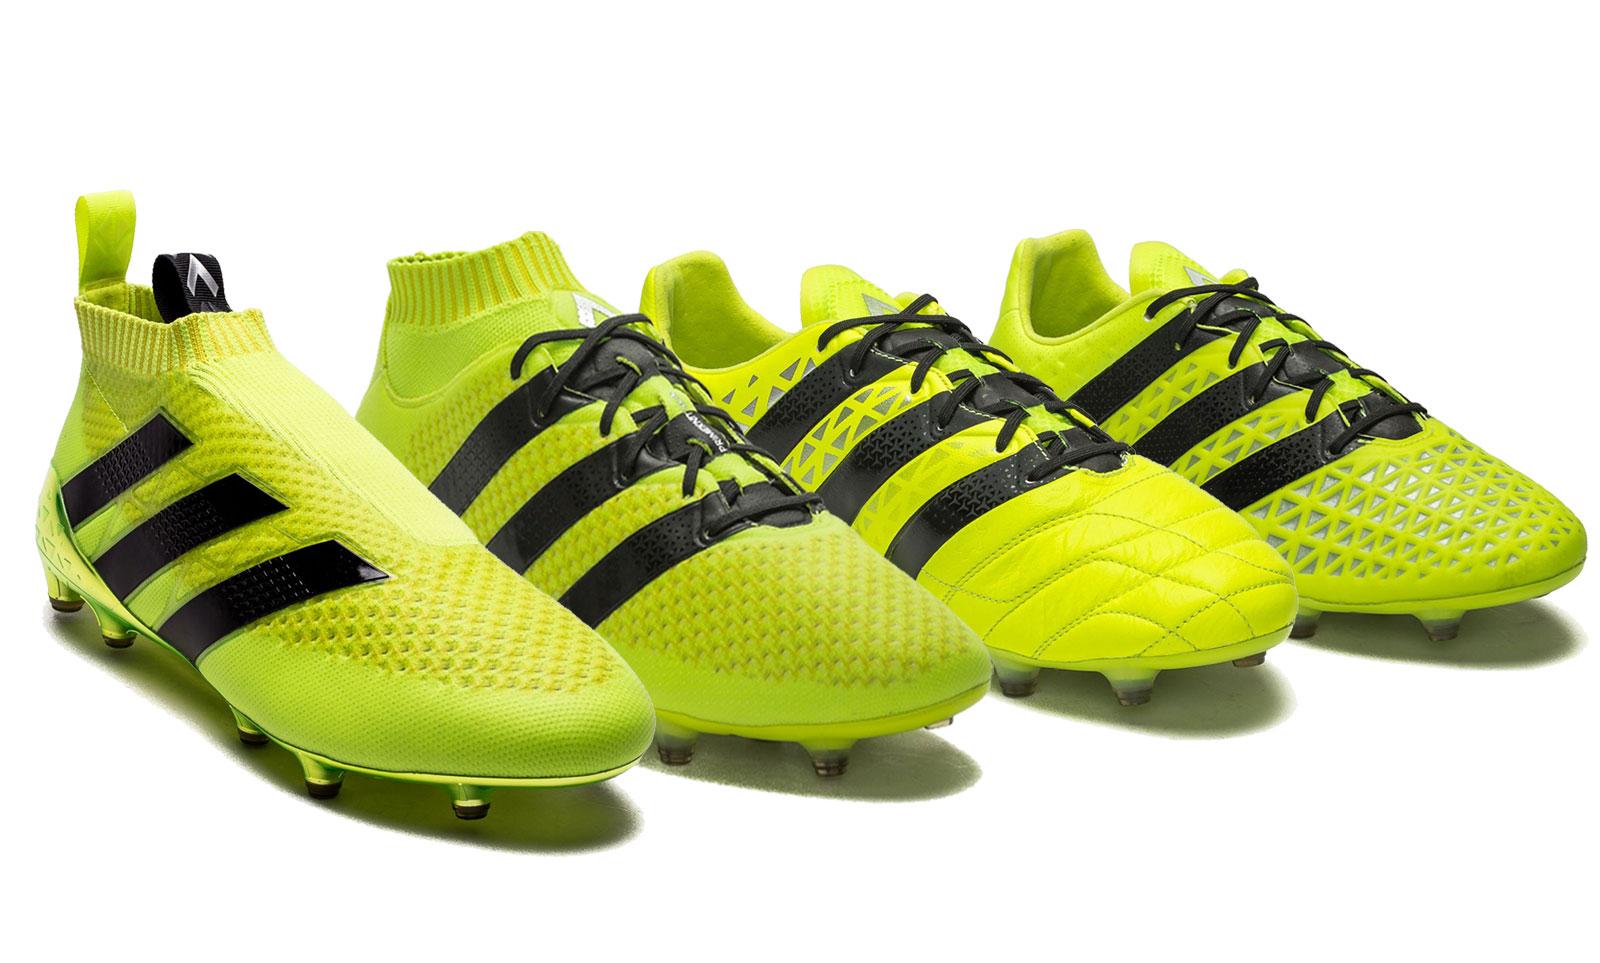 Adidas ACE 16 kopačky – přehled a srovnání